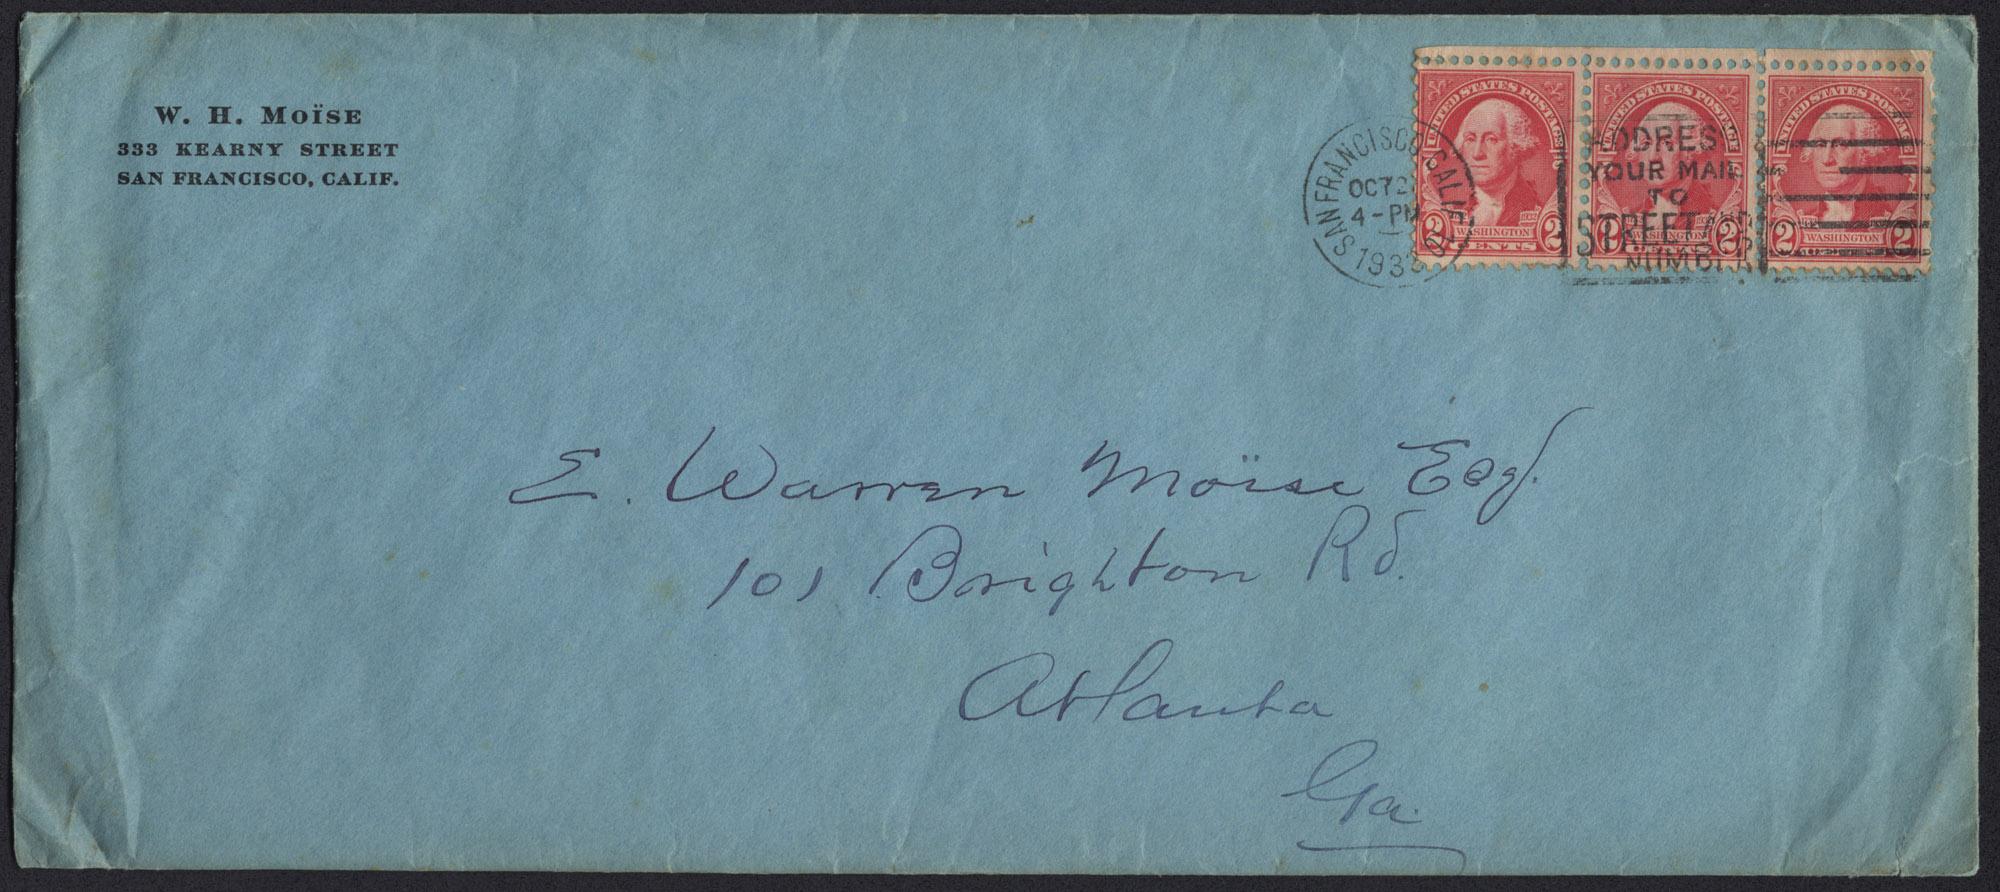 Envelope from Warren Hubert's Letter